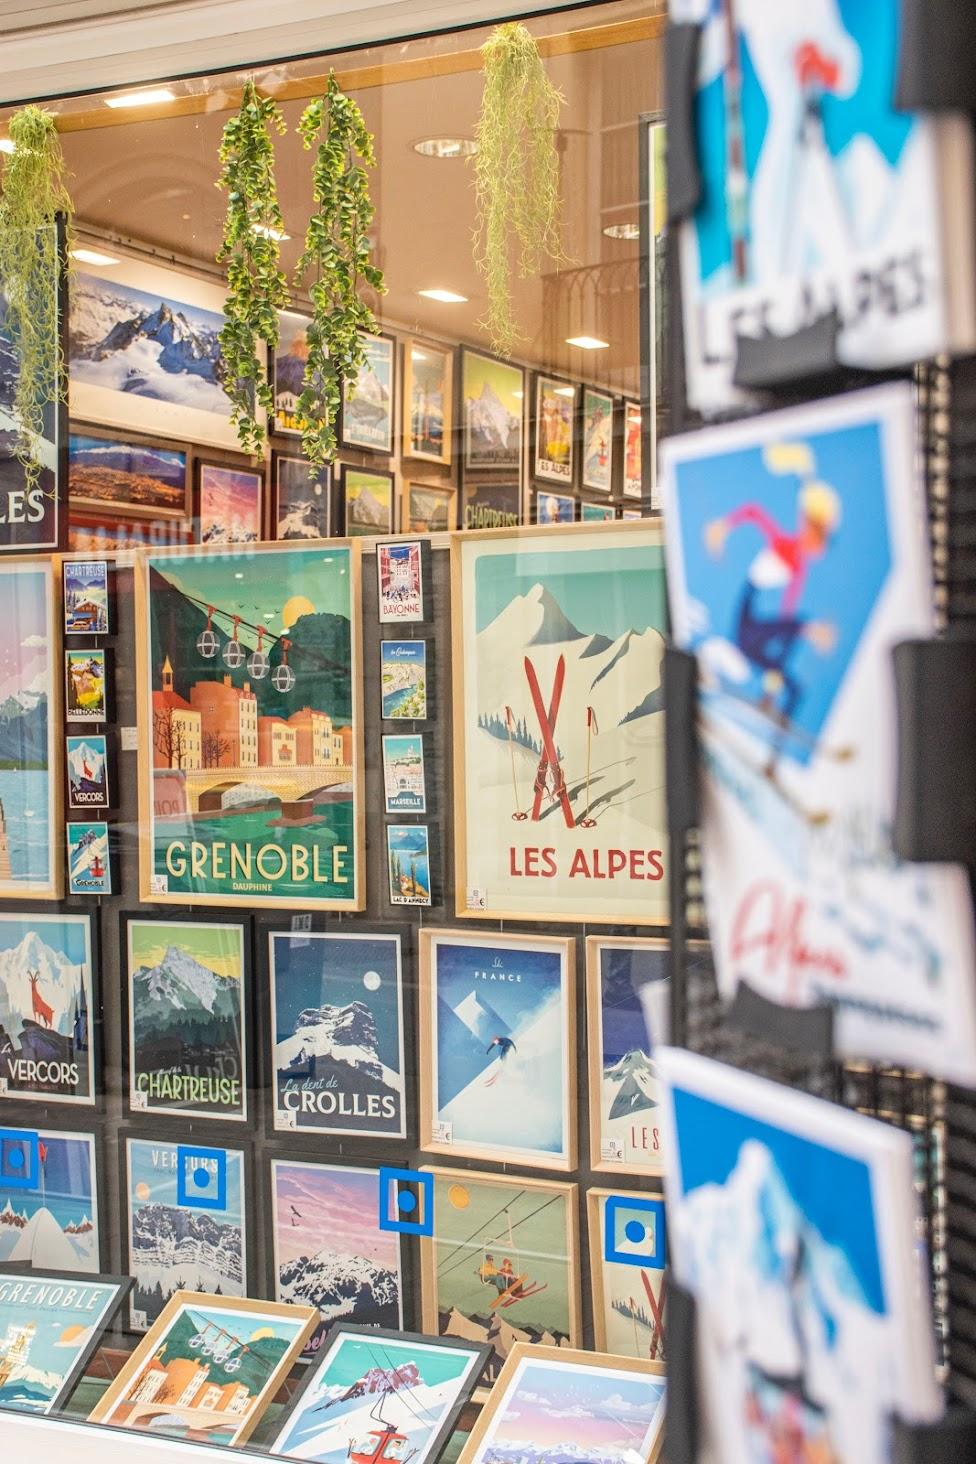 Grenoble-tips